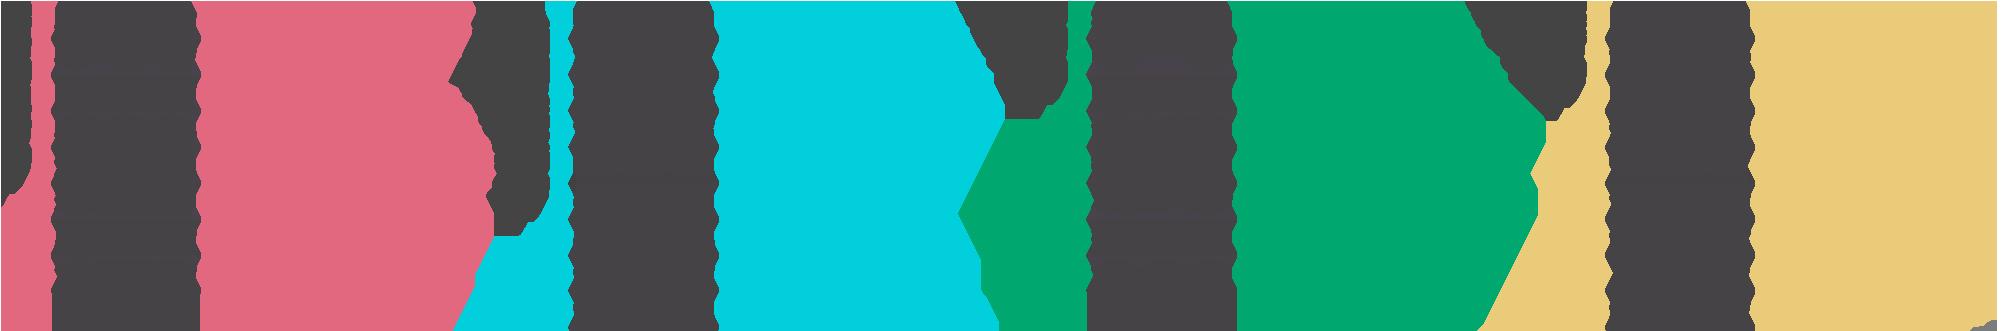 小田 利洋グラフ